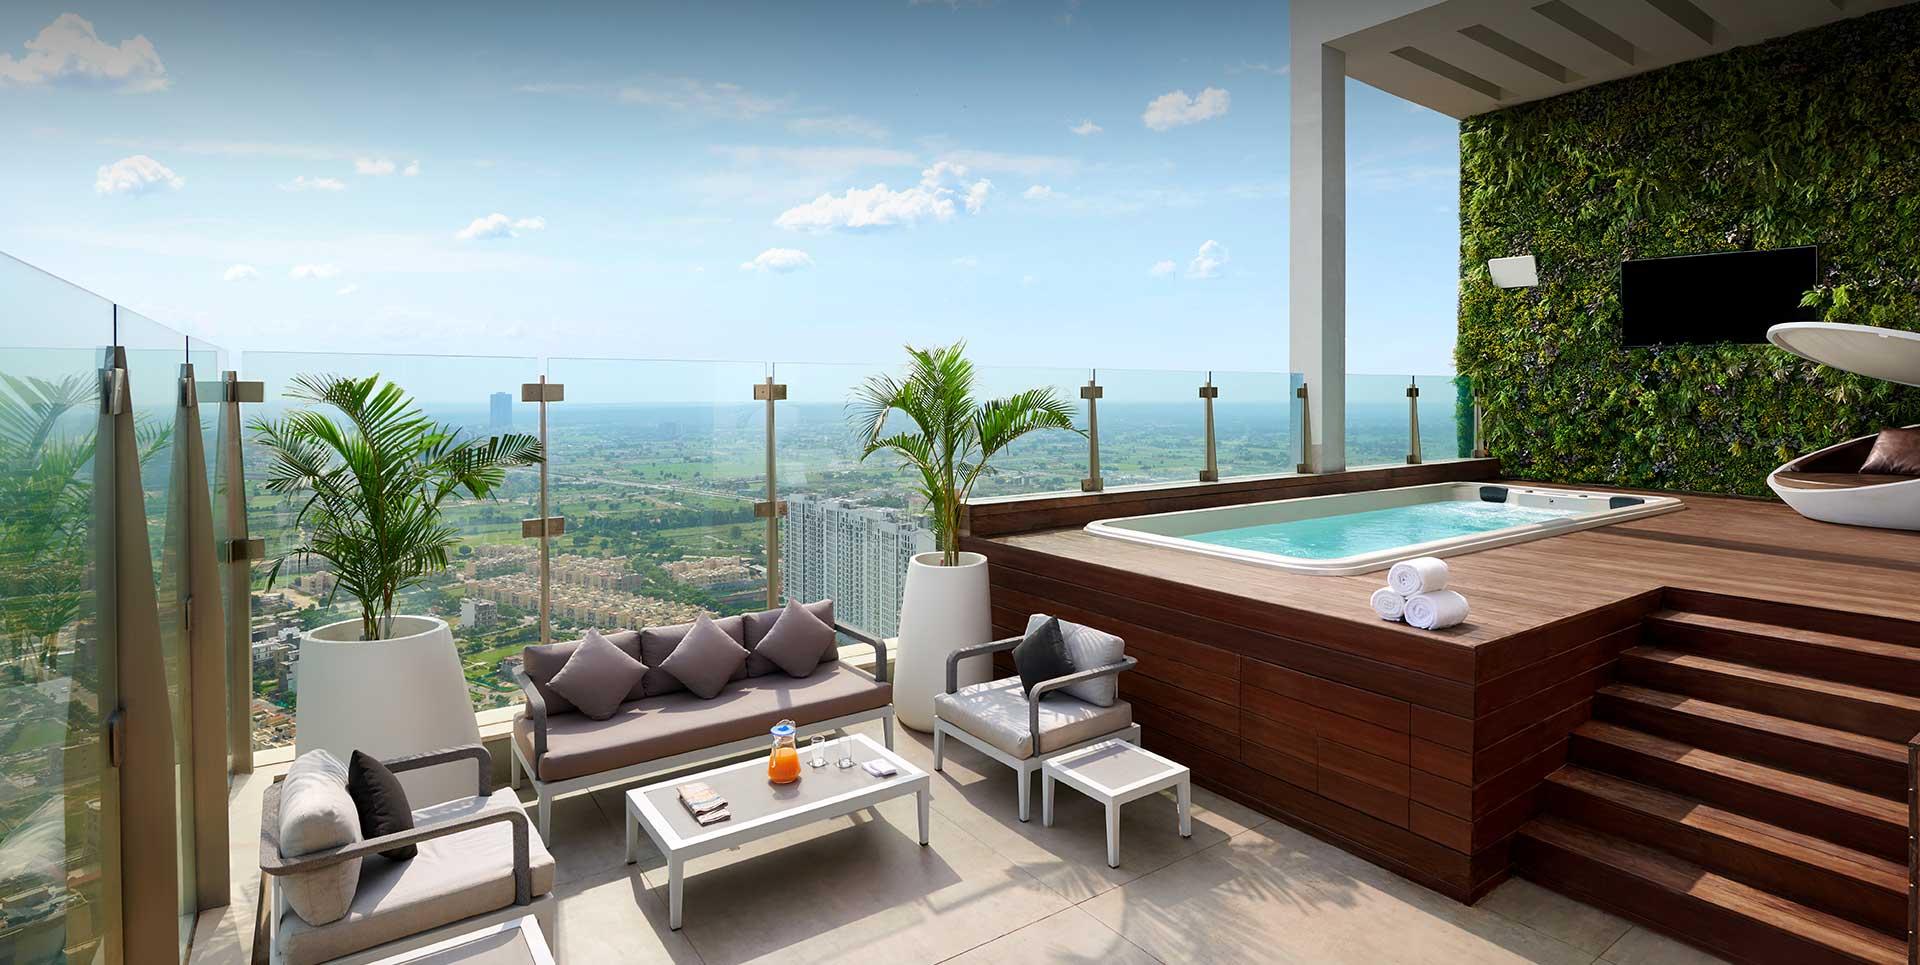 M3M Sky Suites Terrace View